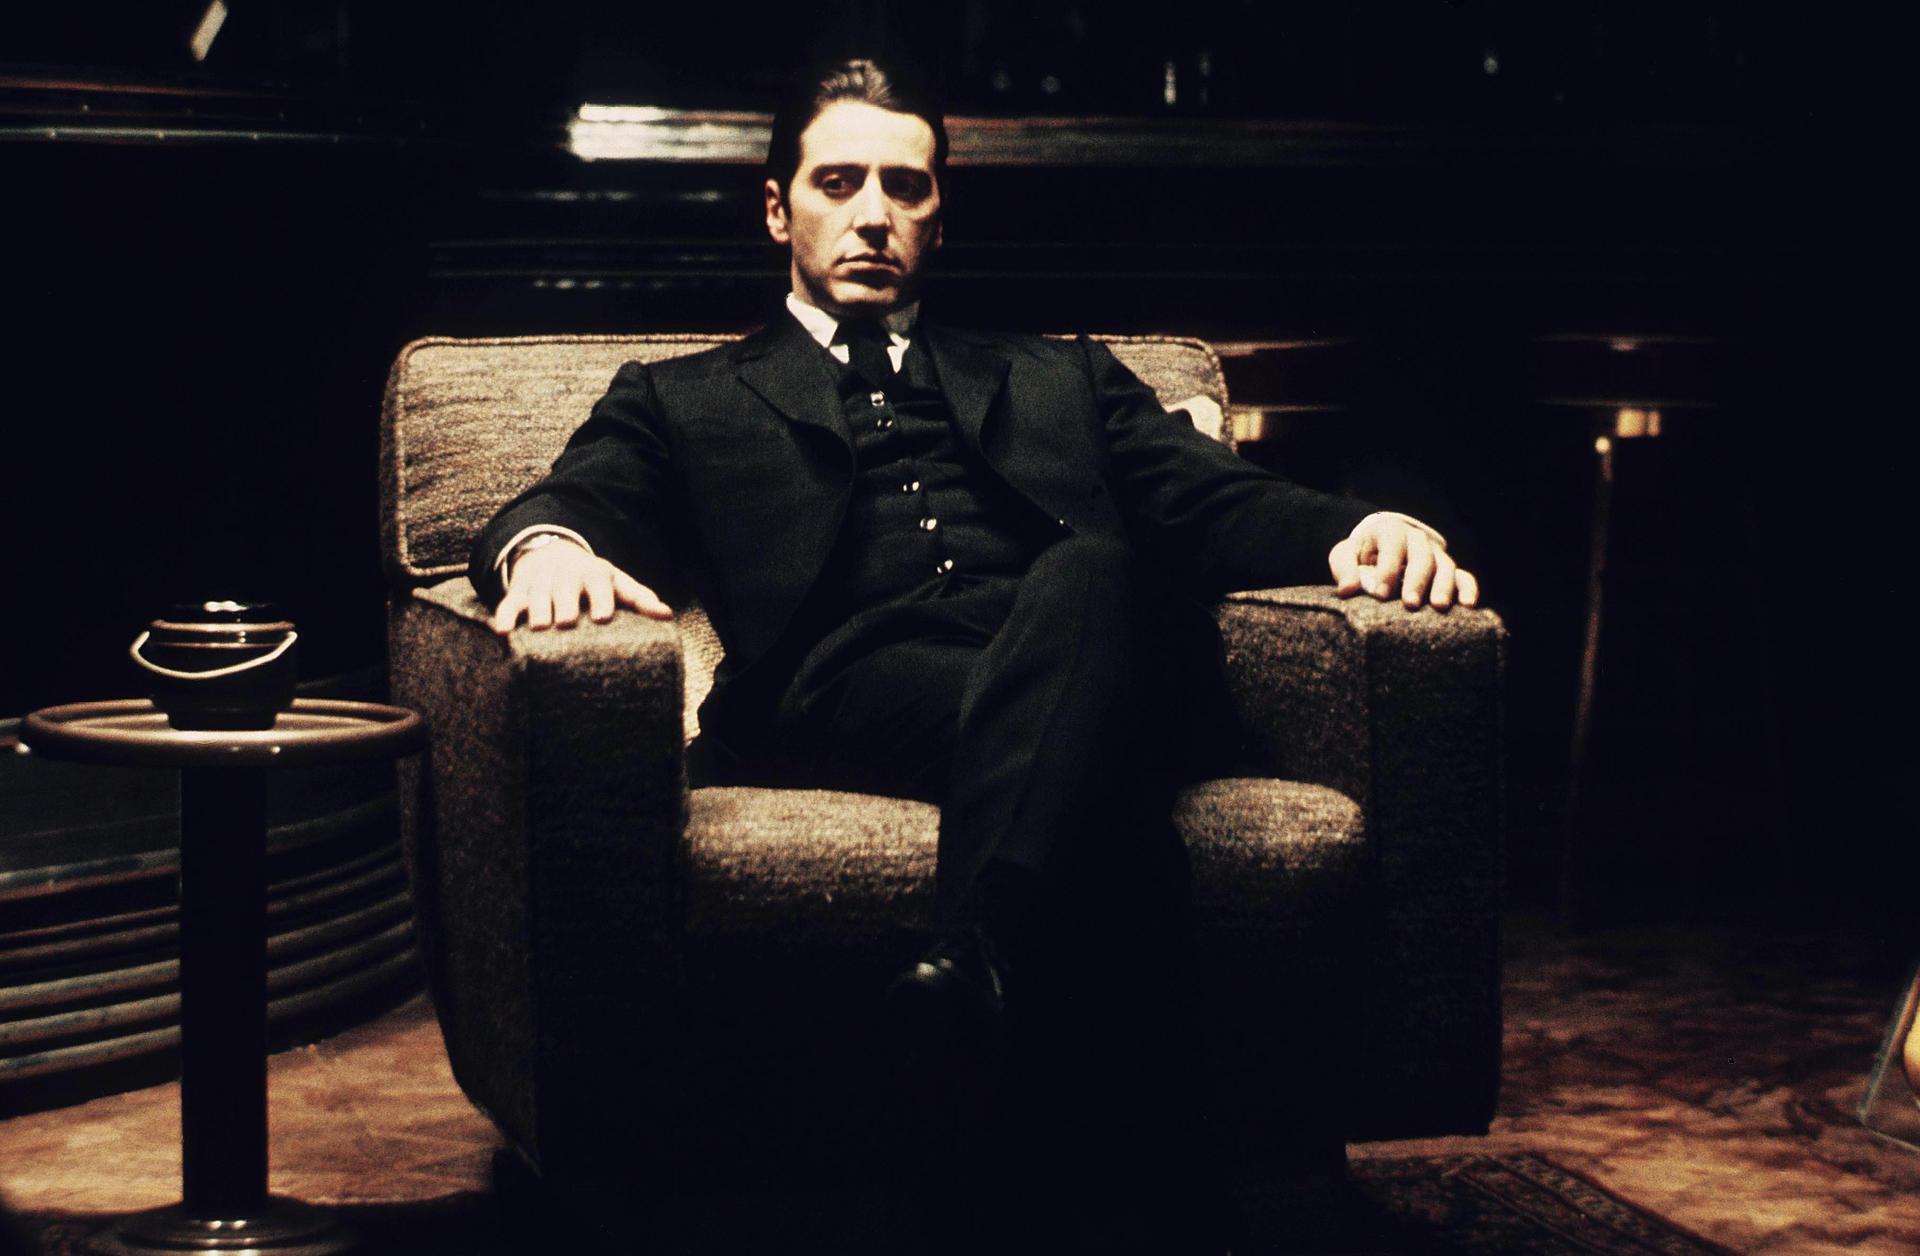 Er komt een gloednieuwe serie over 'The Godfather' uit - dit moet je weten